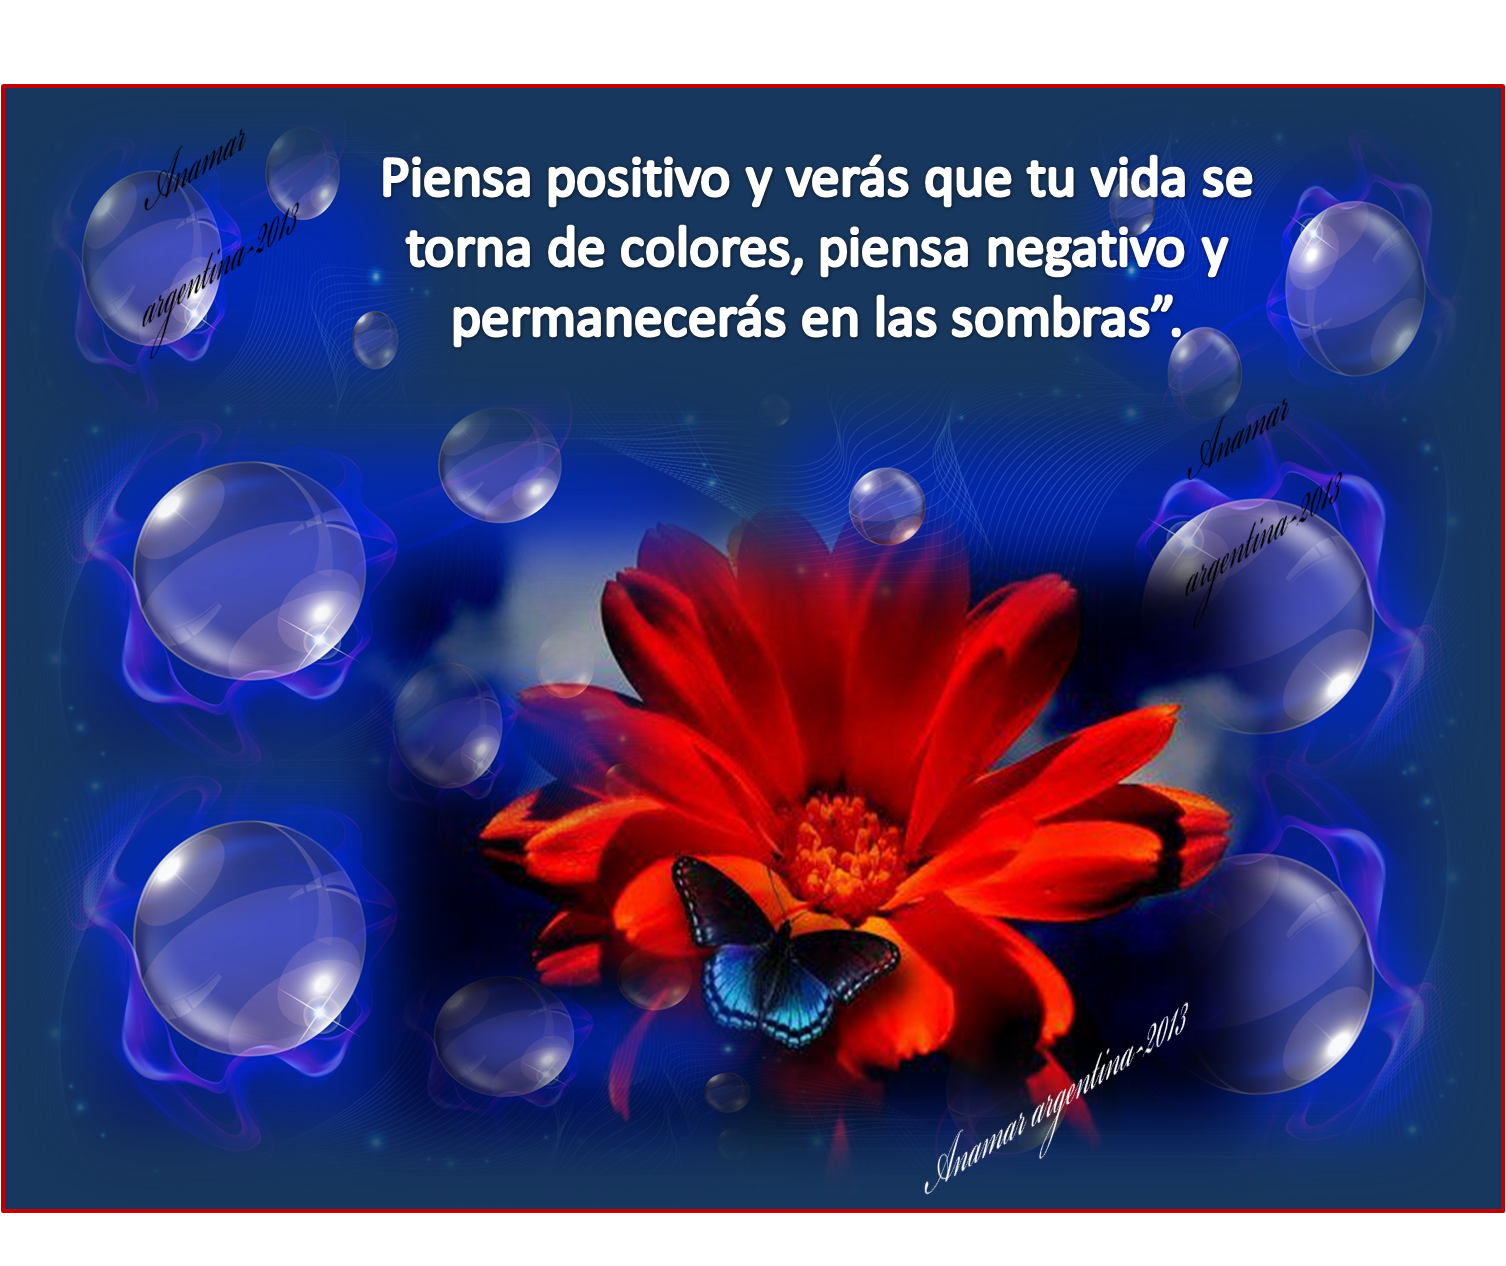 Anamar argentina imagenes con frases positivas motivadoras